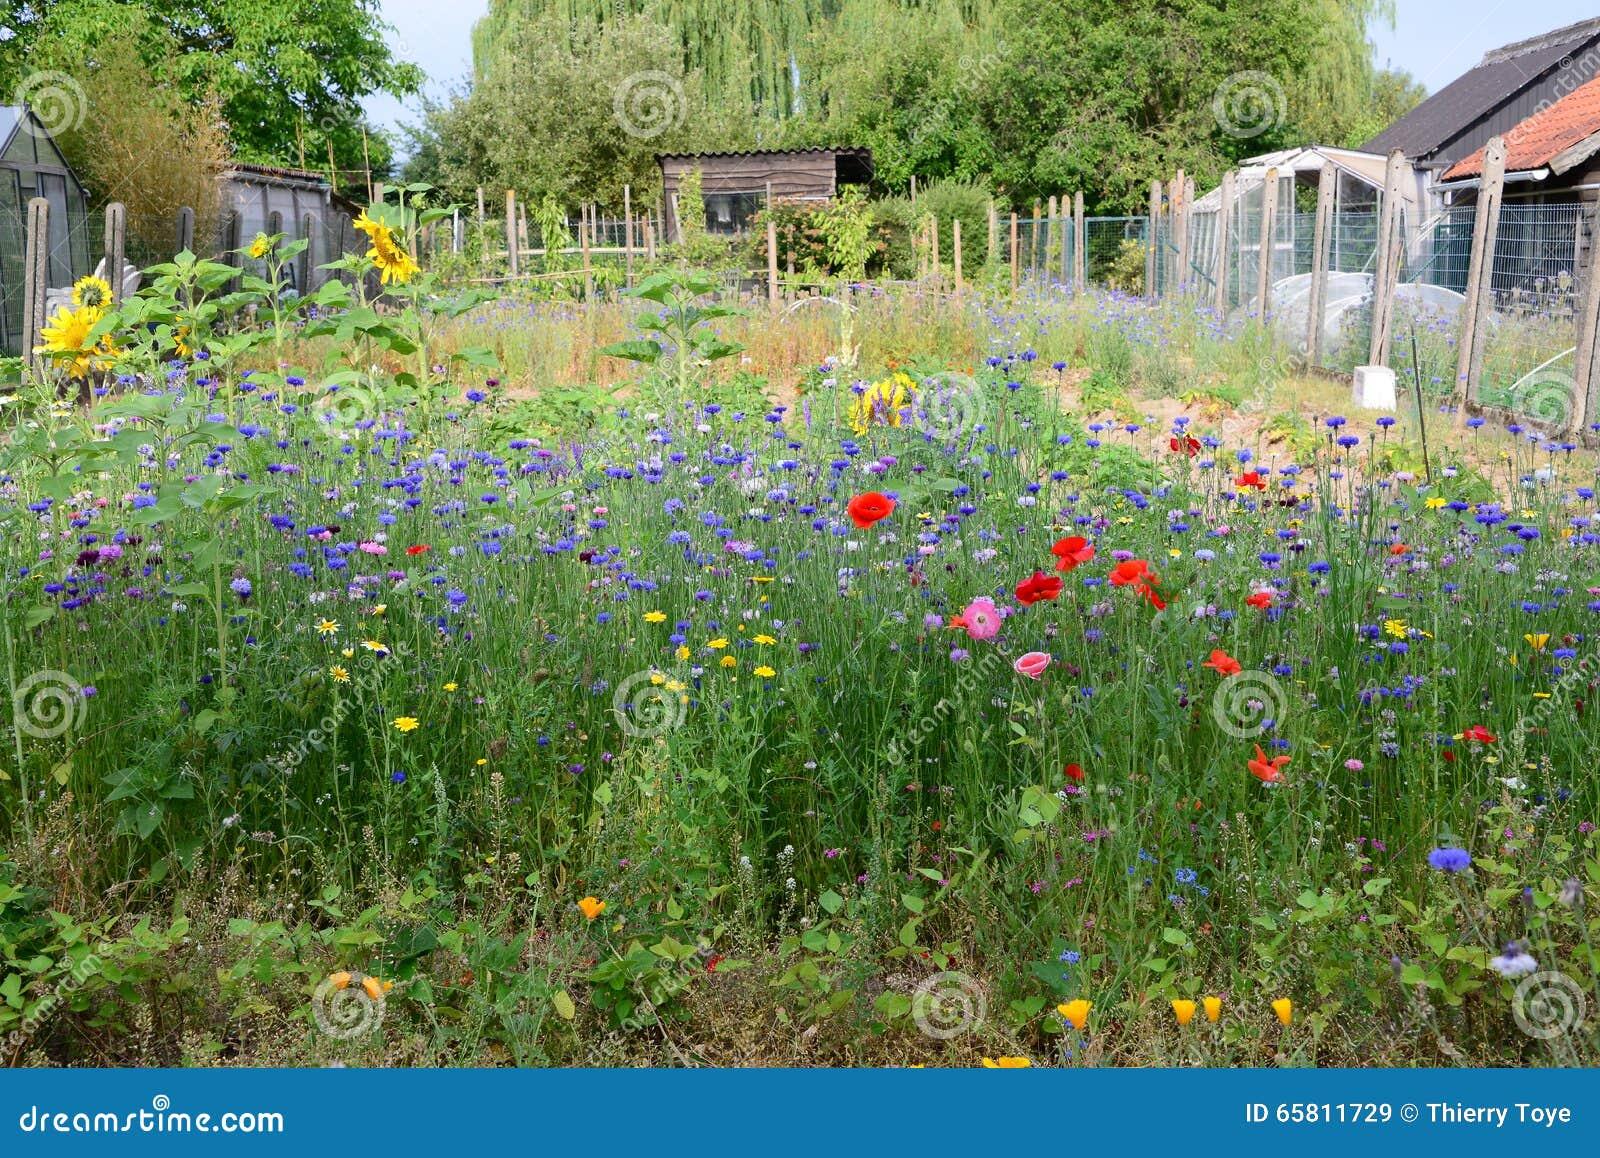 Field of wild flowers with lots of colors in garden in belgium